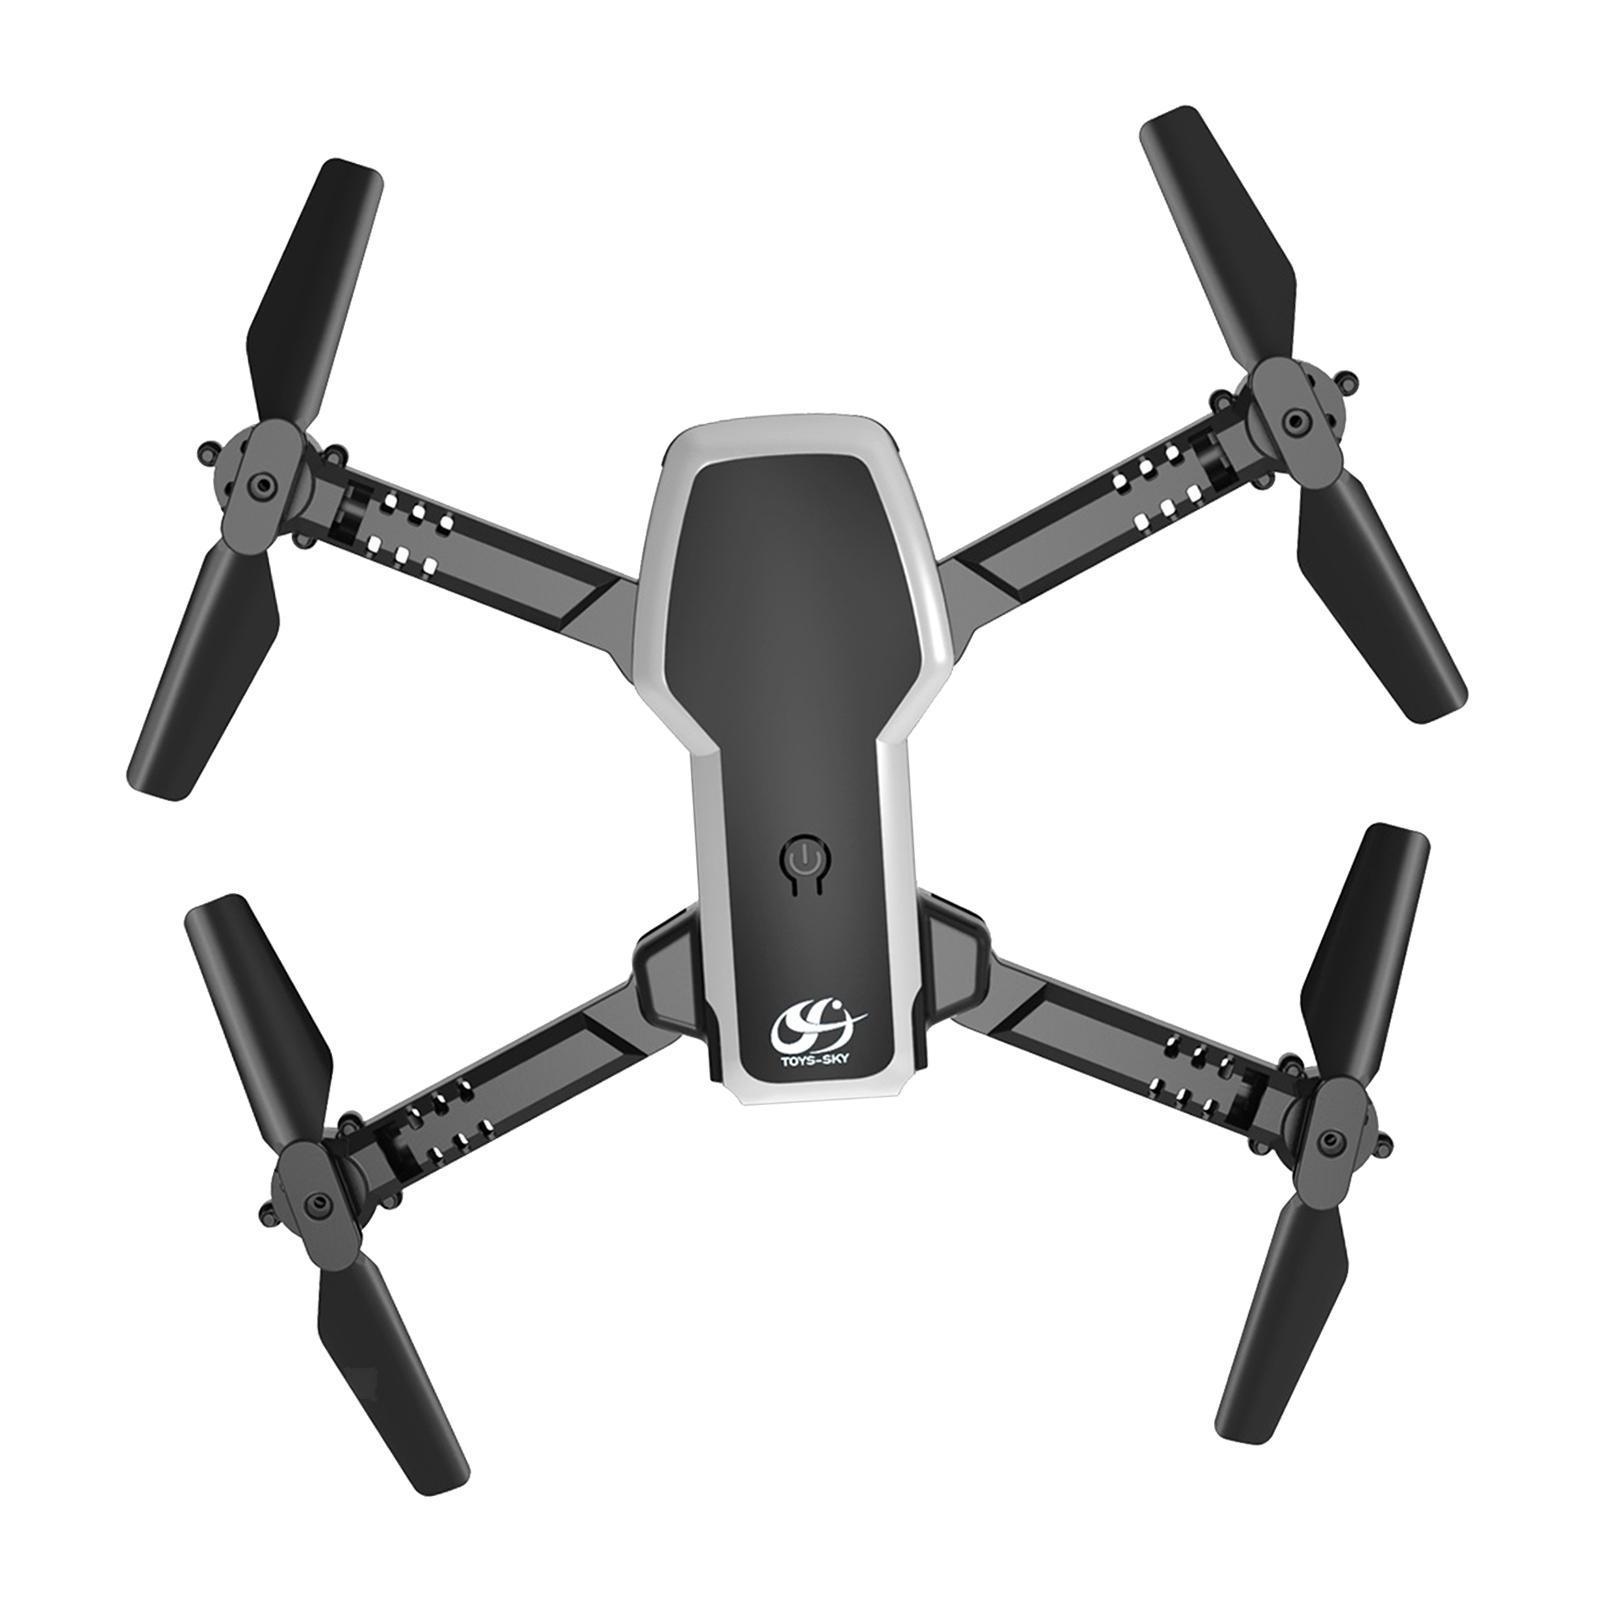 Indexbild 9 - Faltbare Mini Drohne Quadcopter Drohne für Reisen im Freien 500mAh Akku